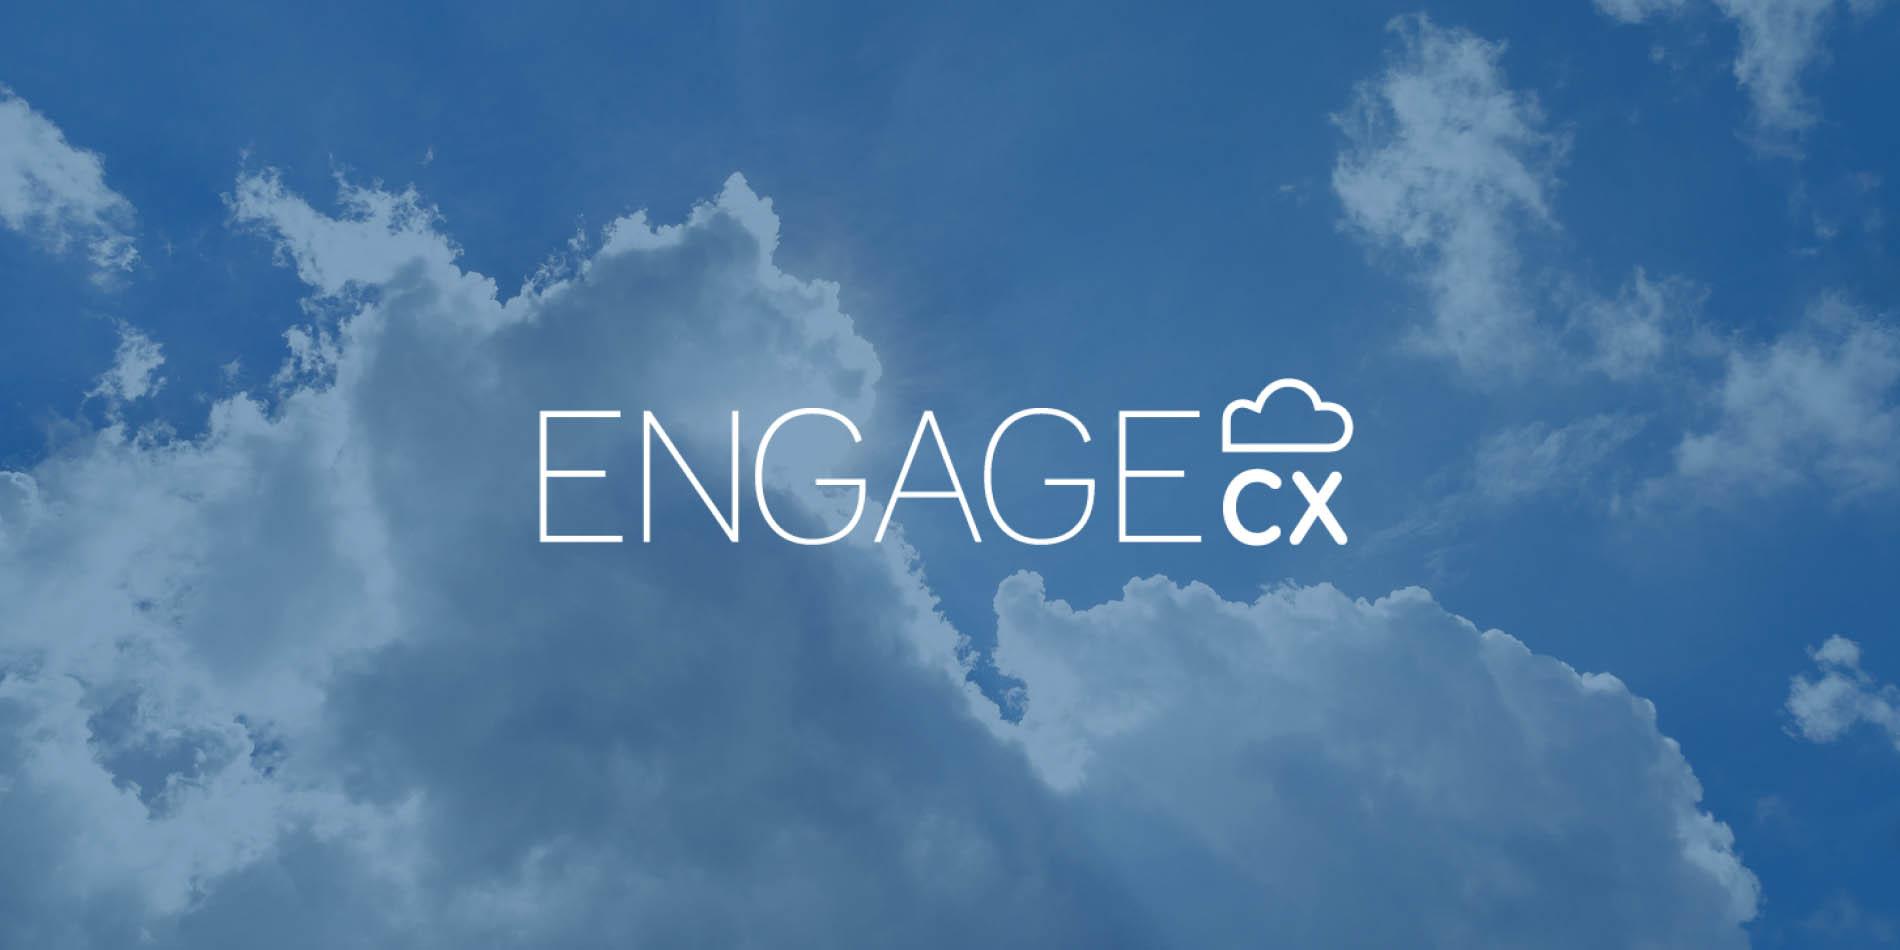 Engagecx Abbott Designs